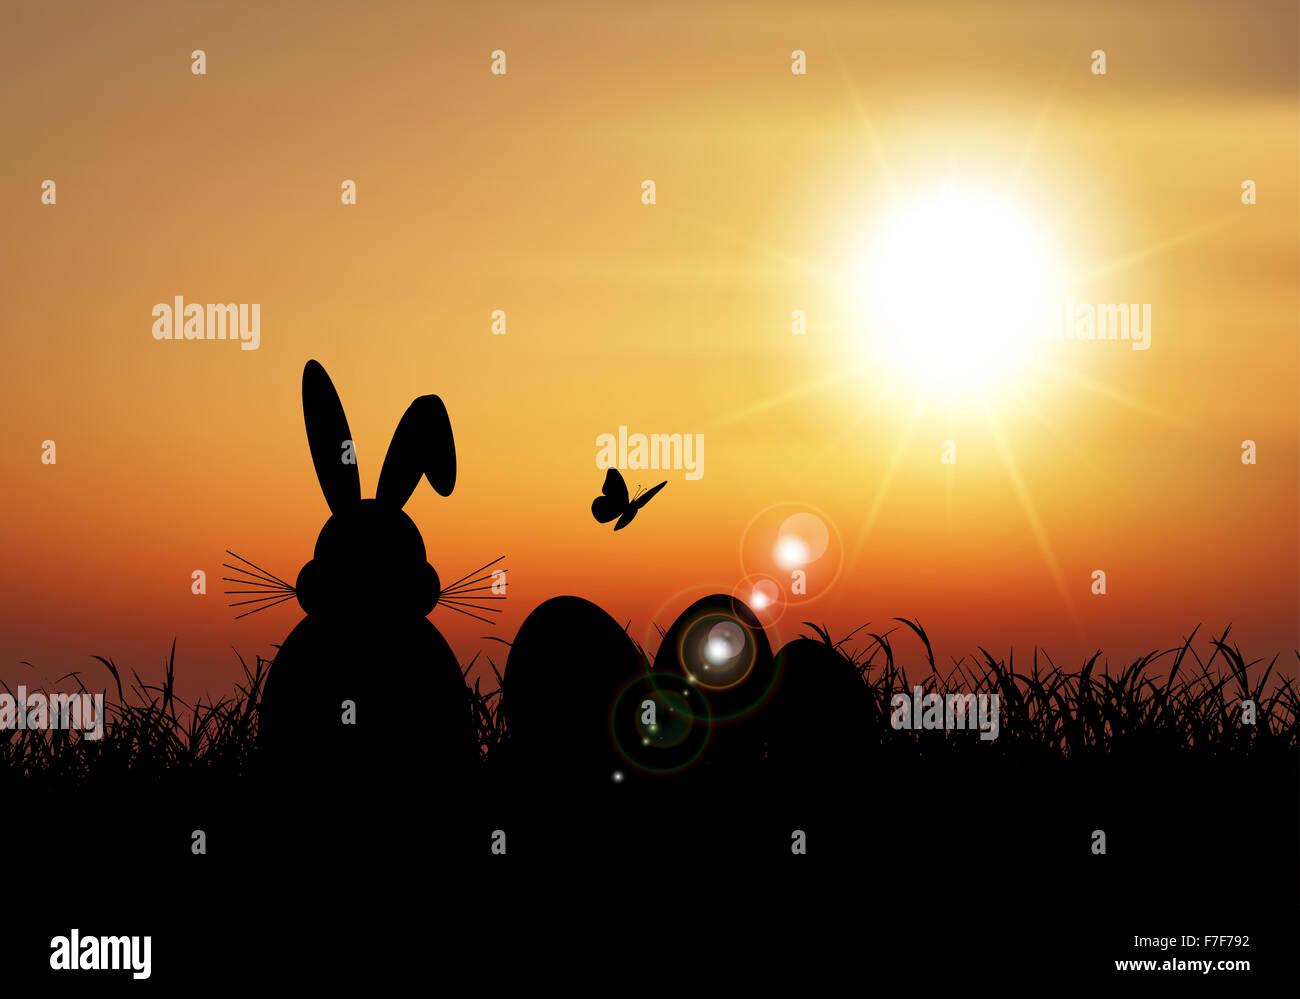 Silhouette de la lapin de Pâques assis dans l'herbe contre un ciel de coucher du soleil Photo Stock